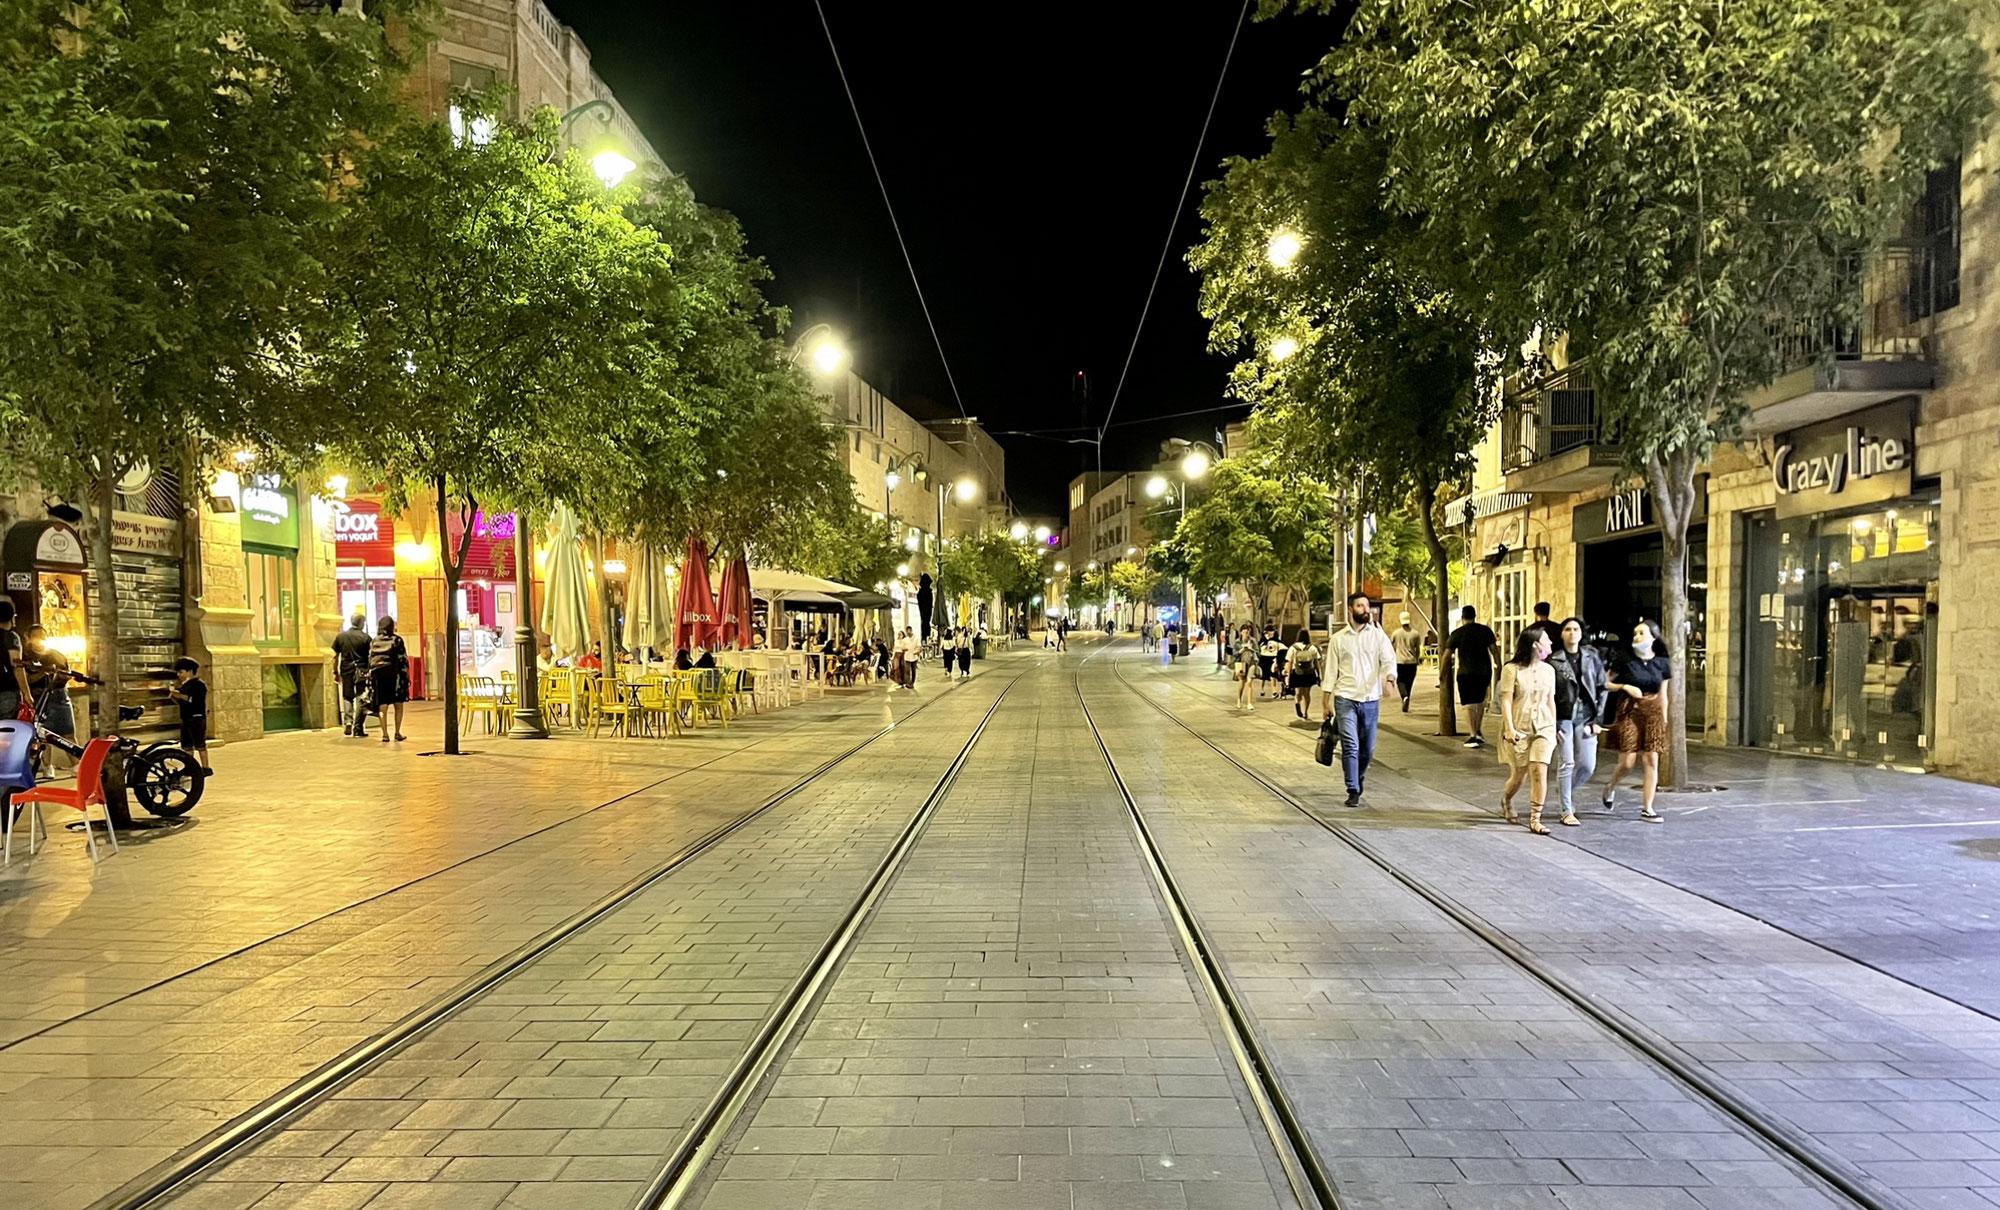 סיור ברחוב יפו חלק א׳